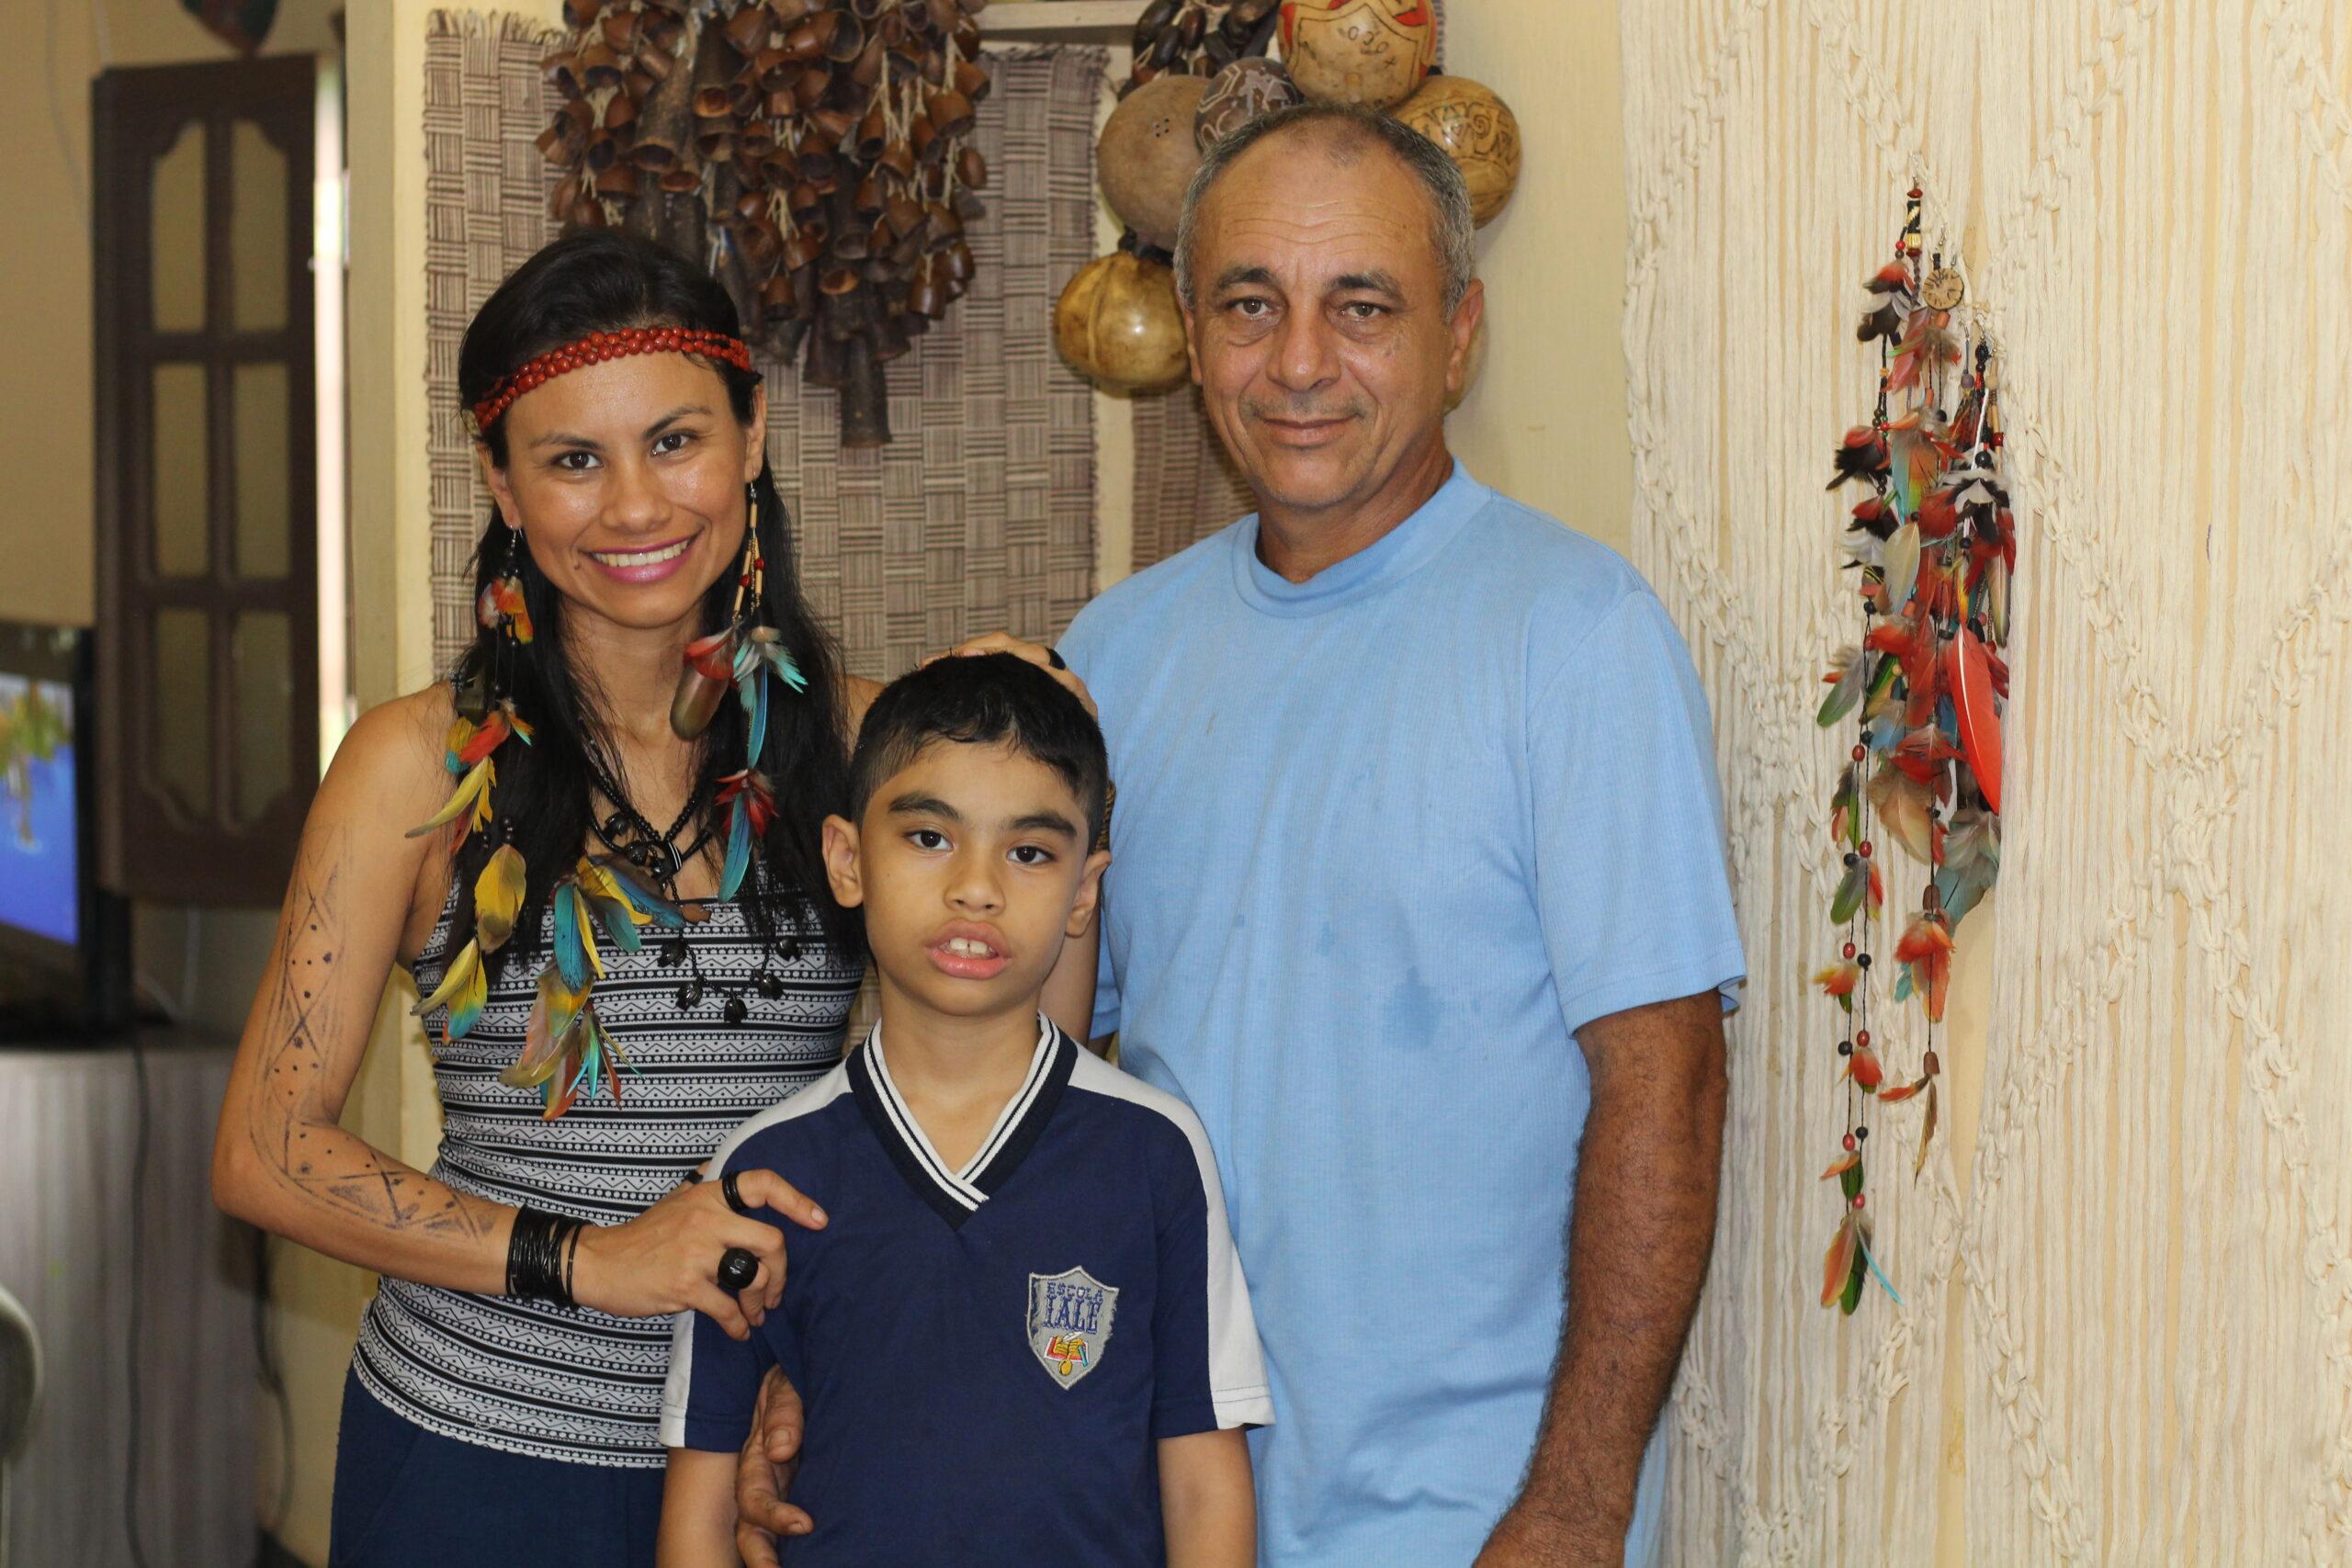 Família Afetiva: ADPEP conta a história de uma indígena casada com um não indígena